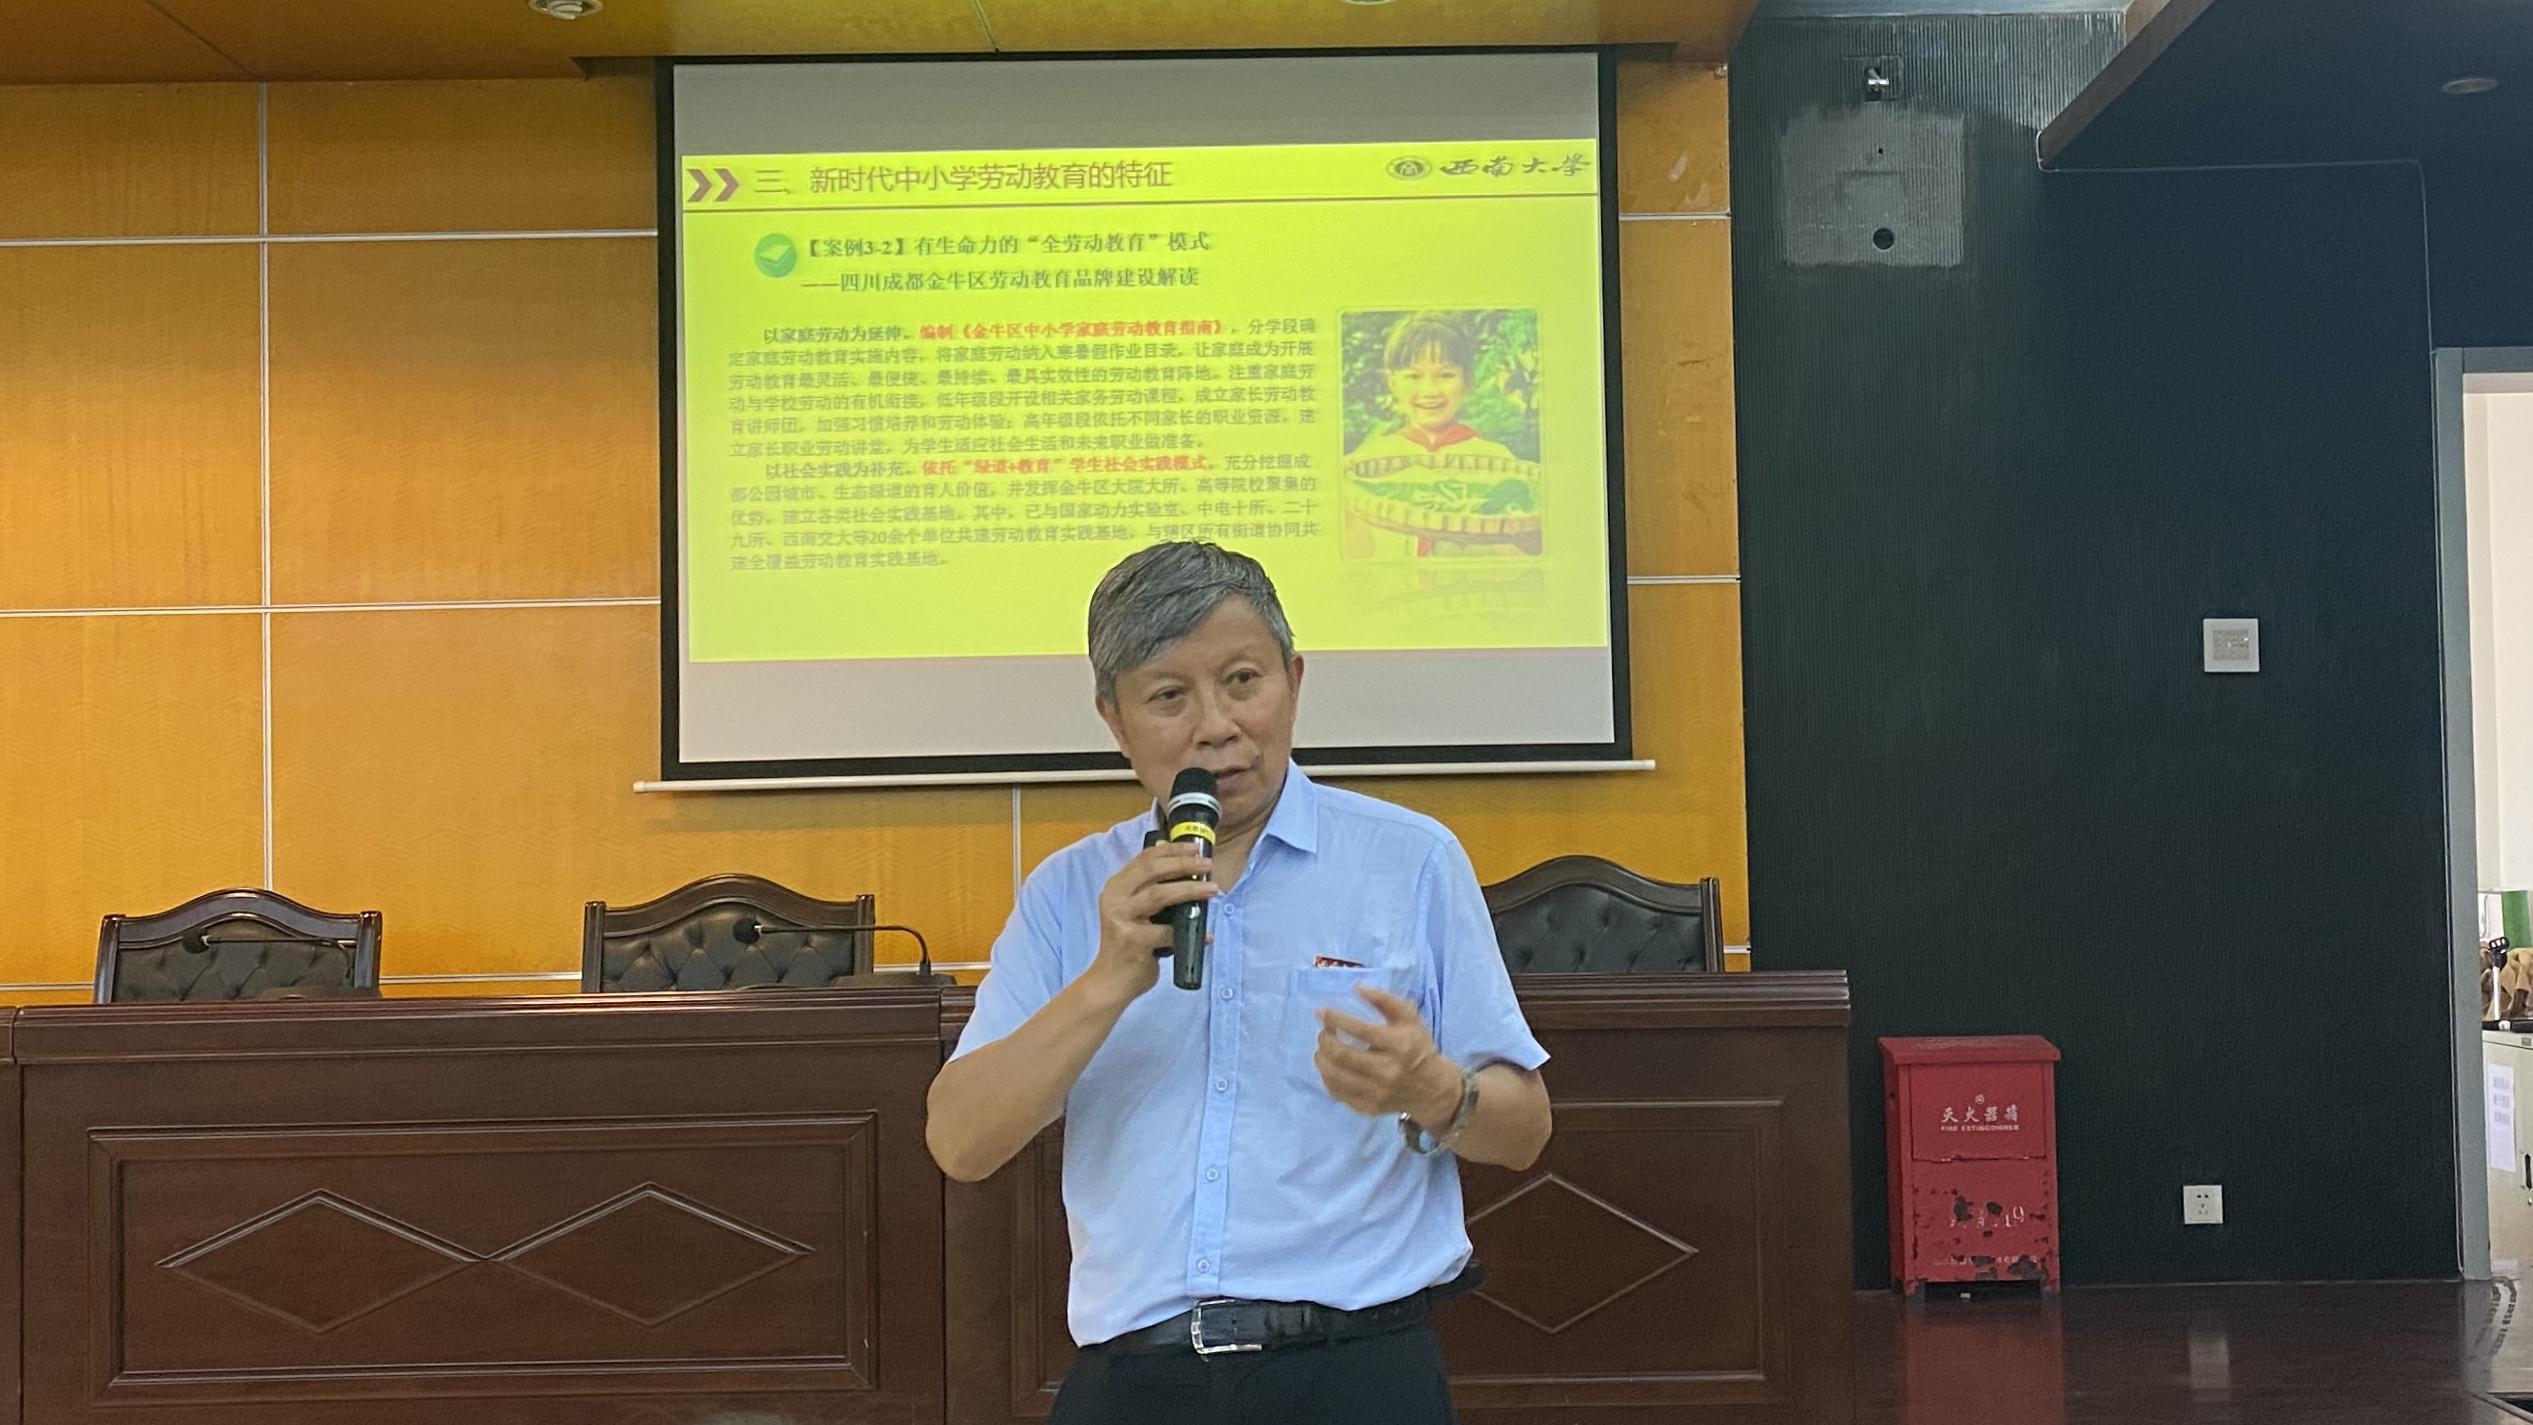 西南大学宋乃庆教授莅临我校做学术报告